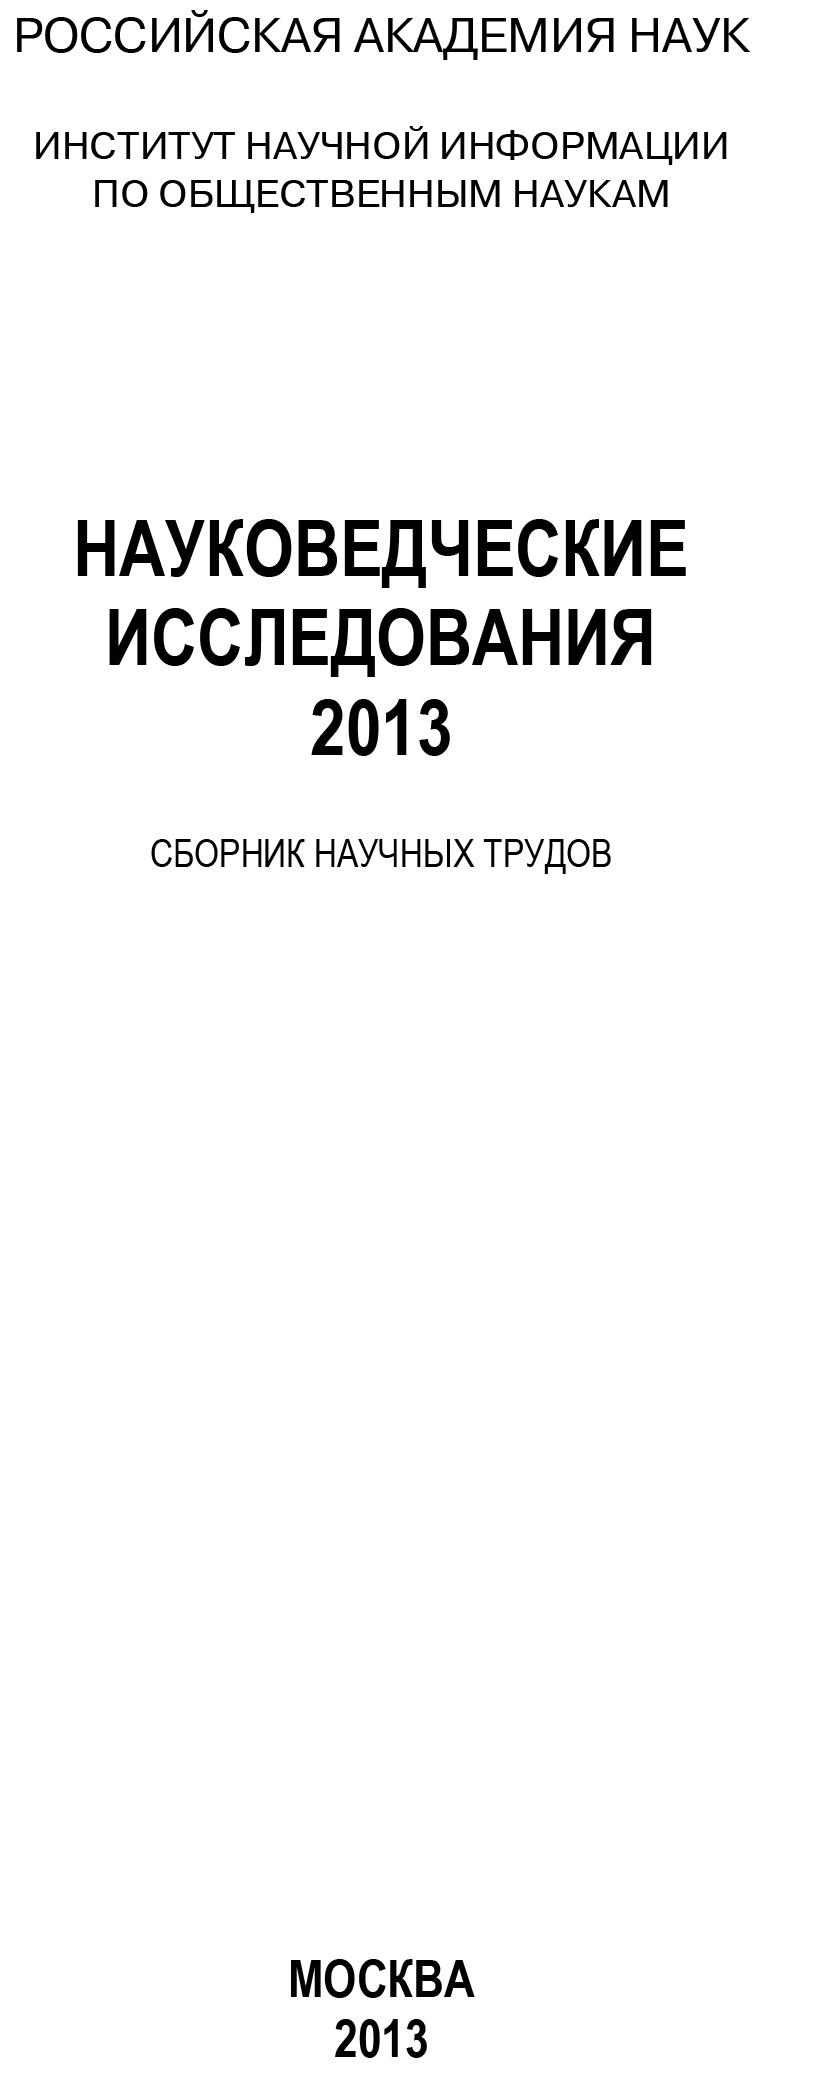 Науковедческие исследования. 2013